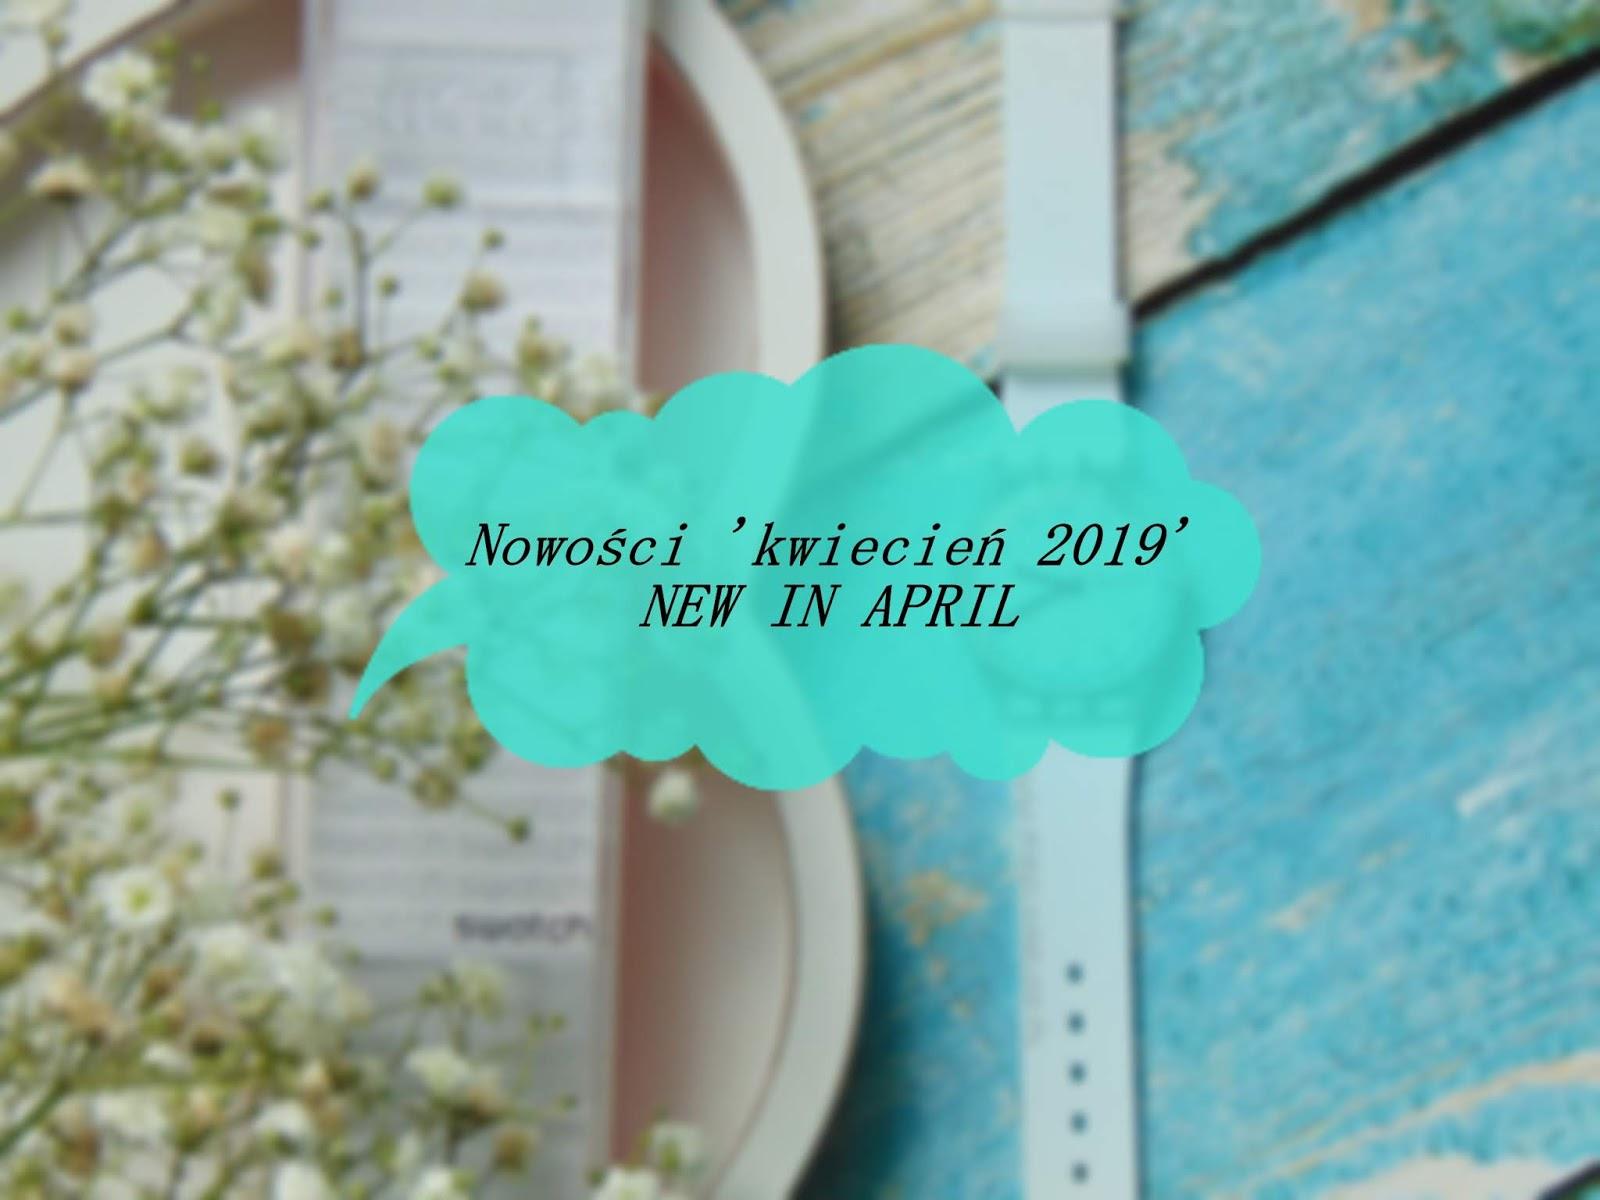 Nowości 'kwiecień 2019' | NEW IN APRIL